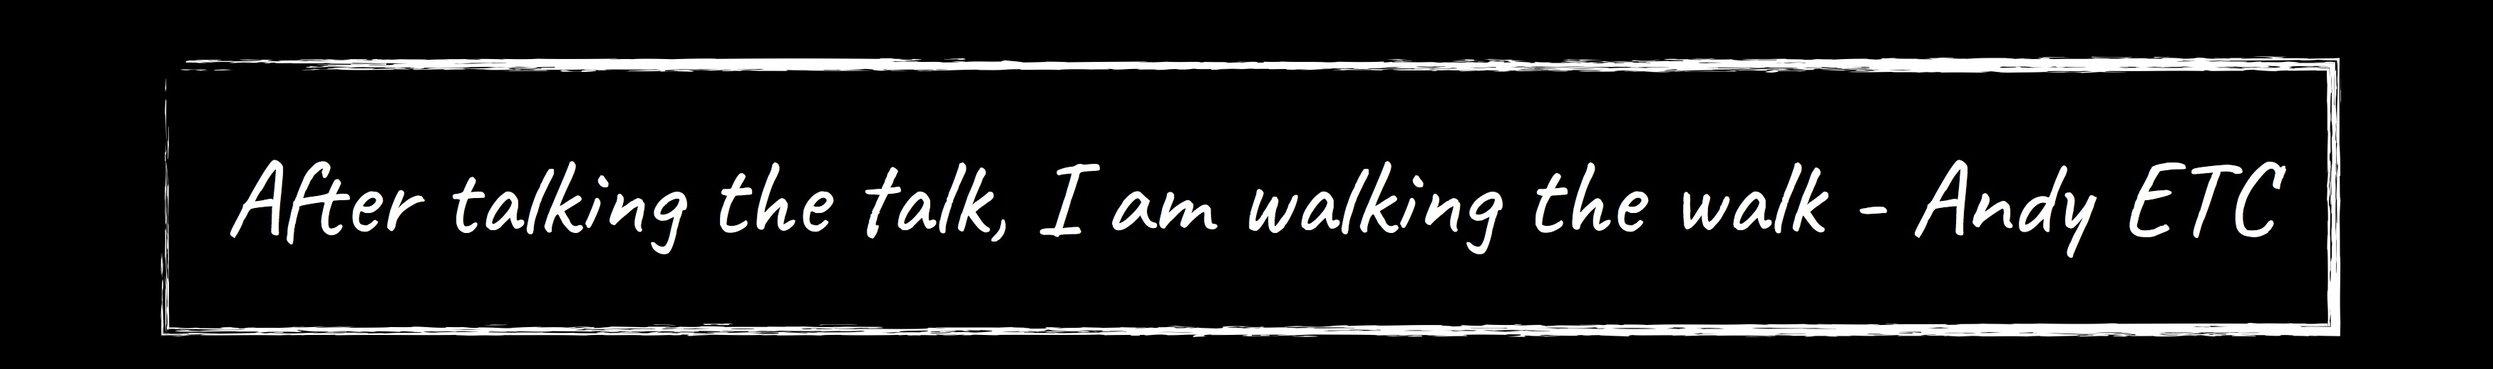 after talking the talk I am walking the walk.jpg